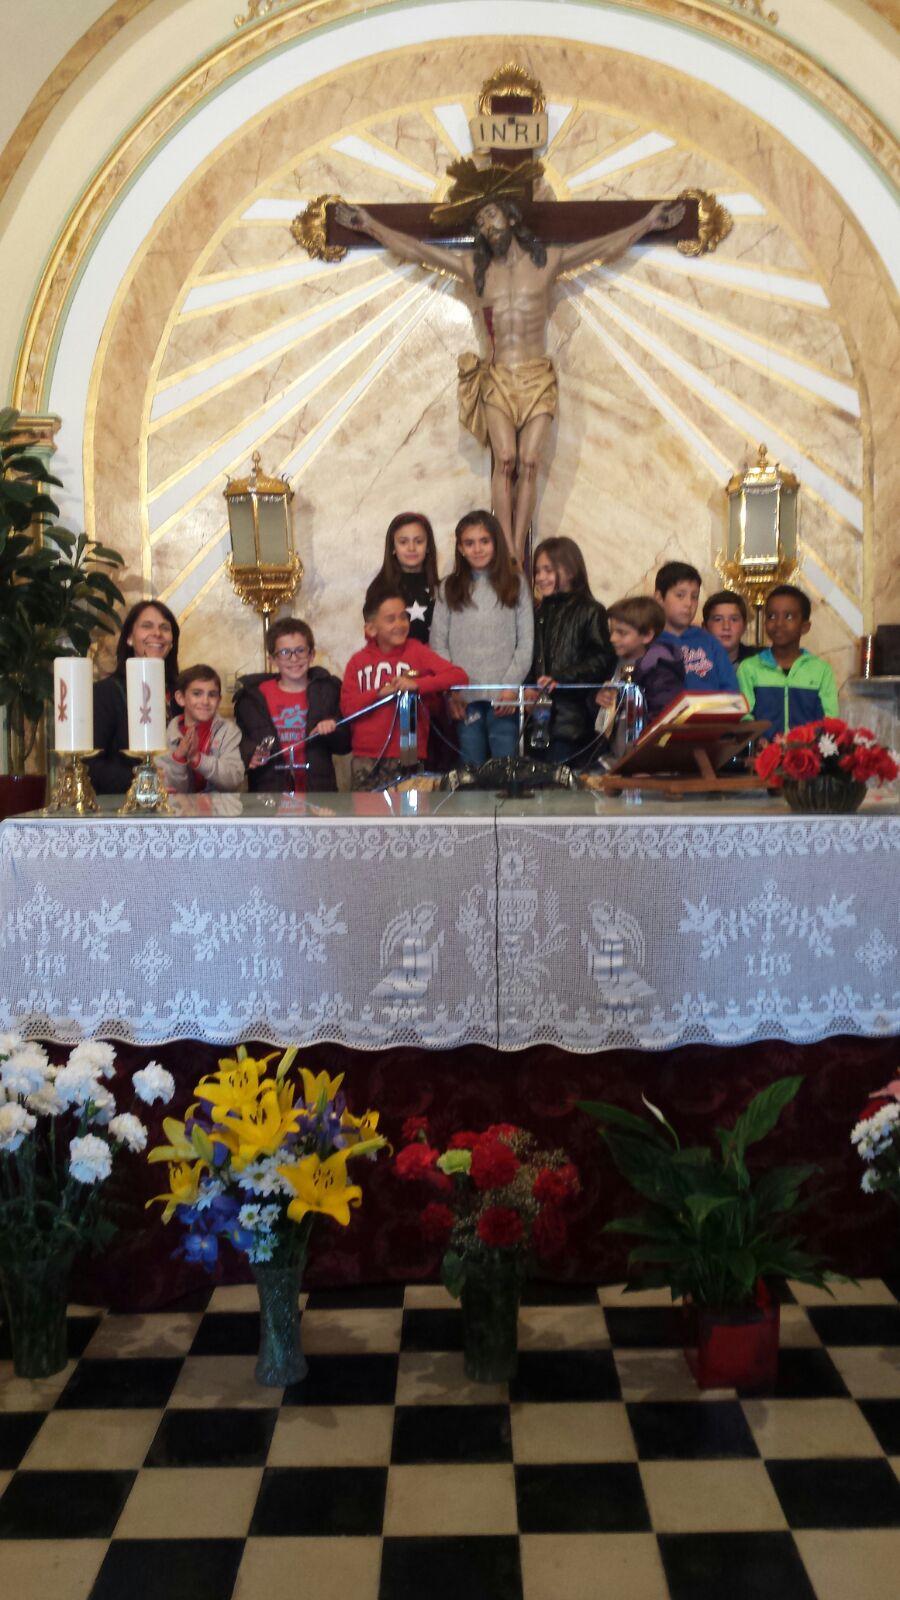 (2017-03-23) - aVisita ermita alumnos Laura, profesora religión Reina Sofia - Marzo -  María Isabel Berenguer Brotons (03)